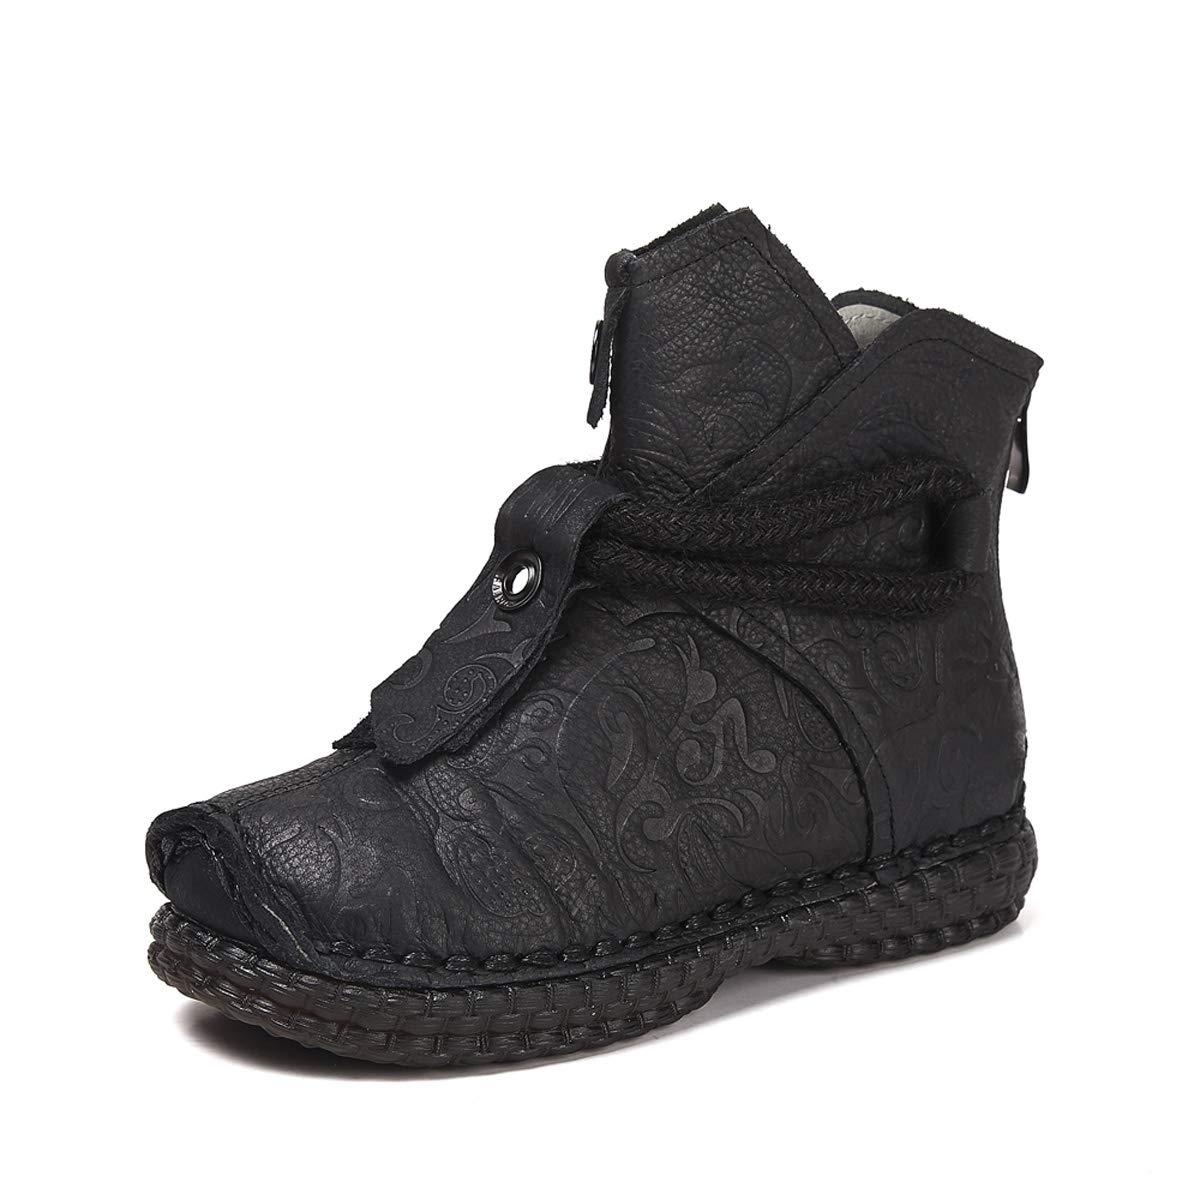 DANDANJIE Damen Stiefeletten handgemachte Stiefel Vintage Flache Ferse Stiefelies mit kreativen Toe Schuhe für den Herbst und Winter